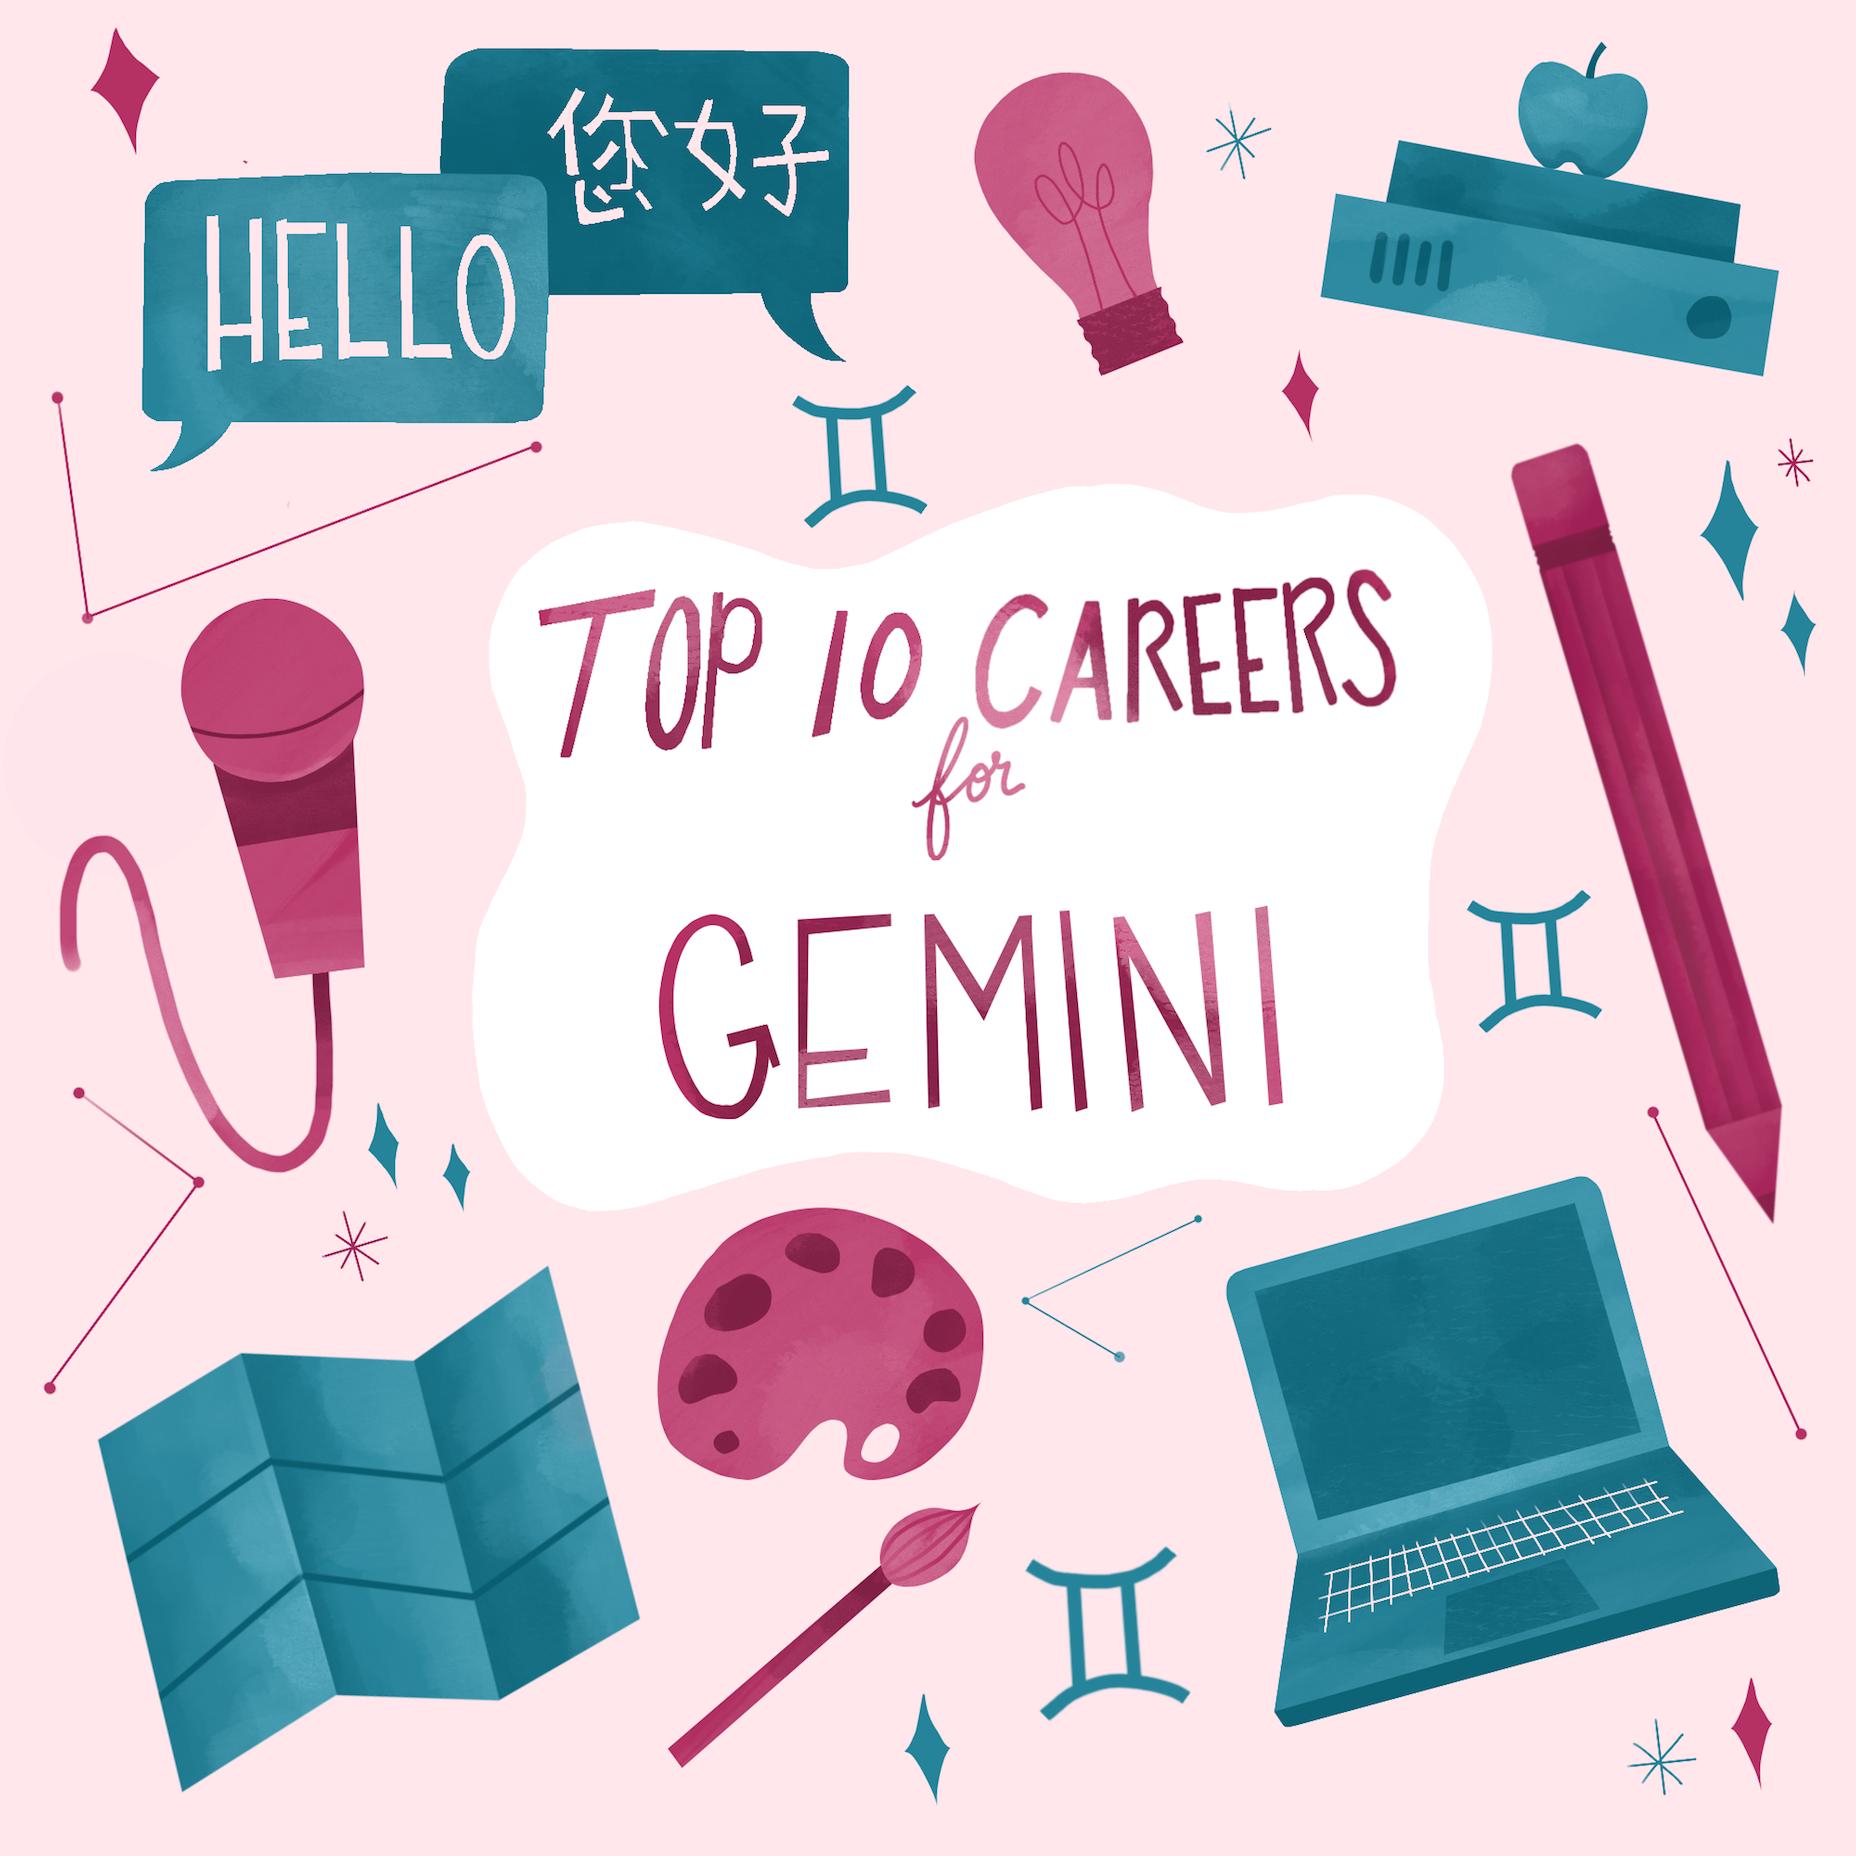 Top 10 Careers For Gemini